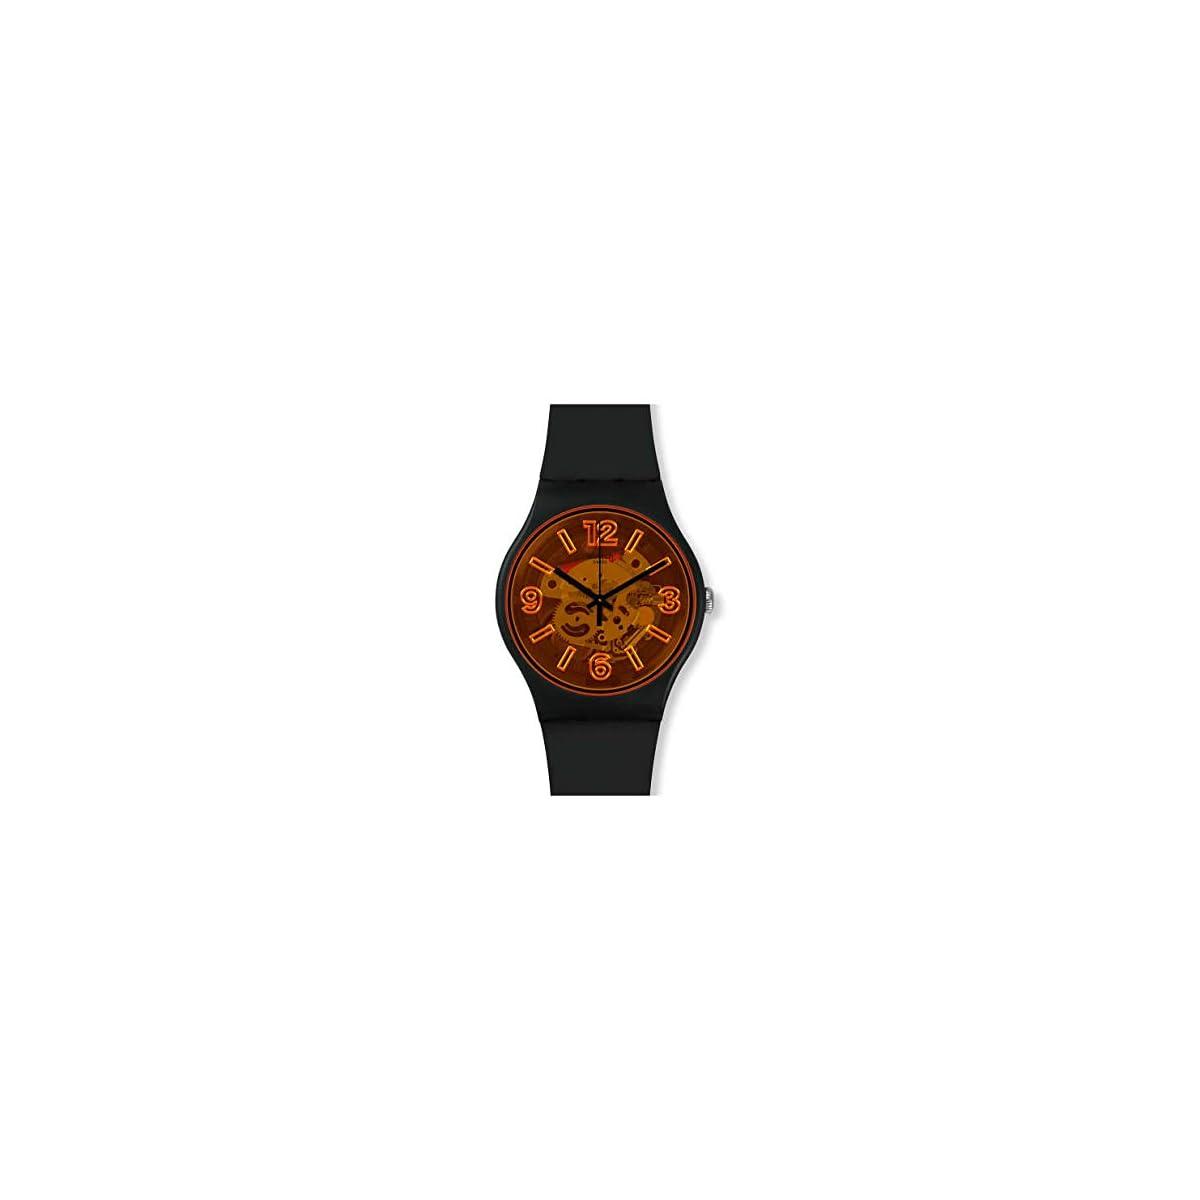 41Aq8uIKNdL. SS1200  - Swatch Reloj Analógico para Hombre de Cuarzo con Correa en Silicona SUOB164